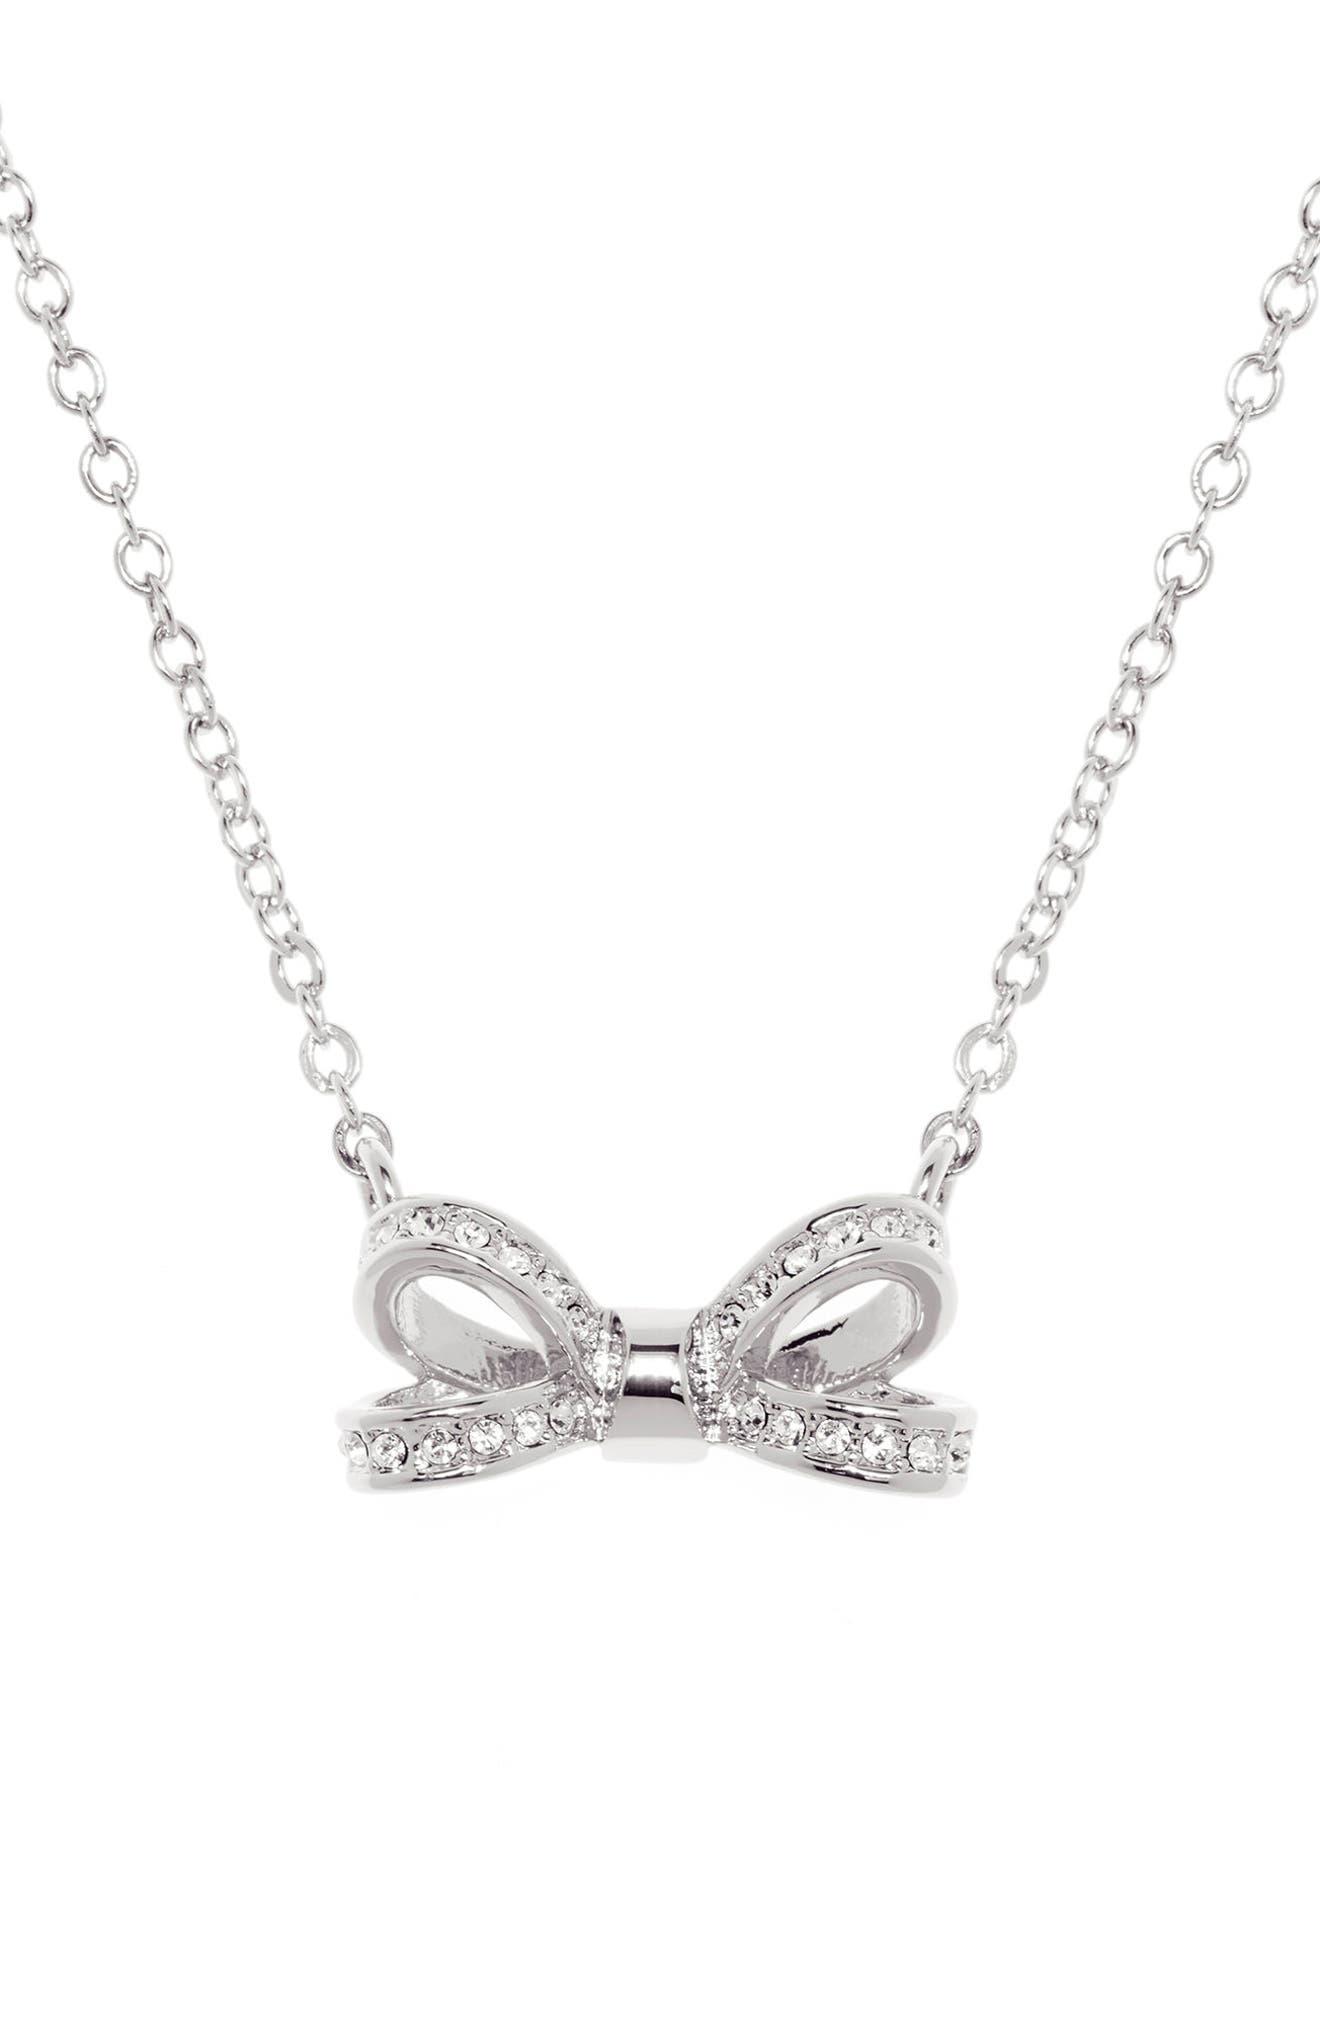 Mini Opulent Pavé Bow Pendant Necklace,                             Alternate thumbnail 2, color,                             Silver